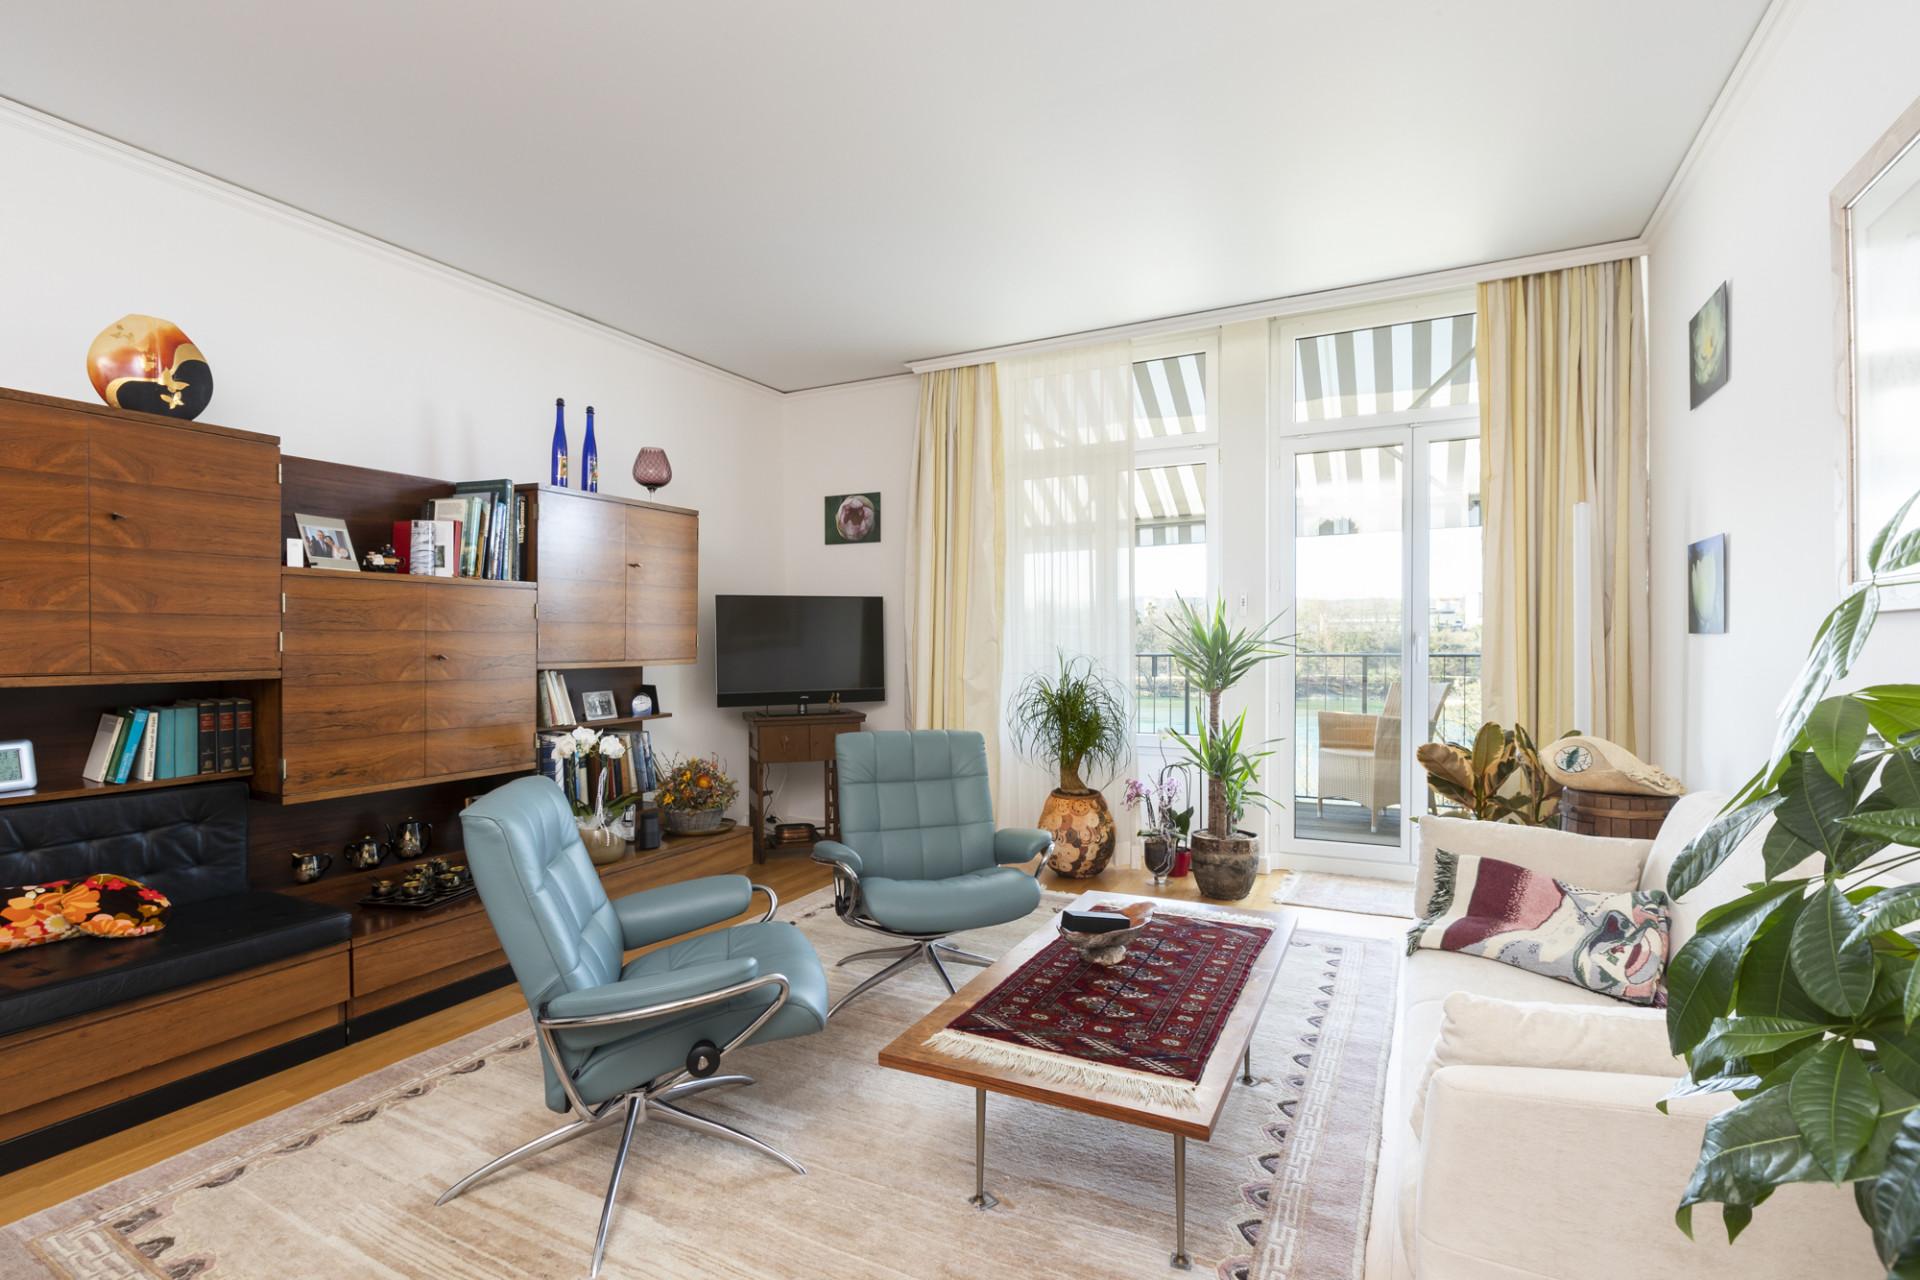 Wohnzimmer einer bewohnten Residenz im Alt